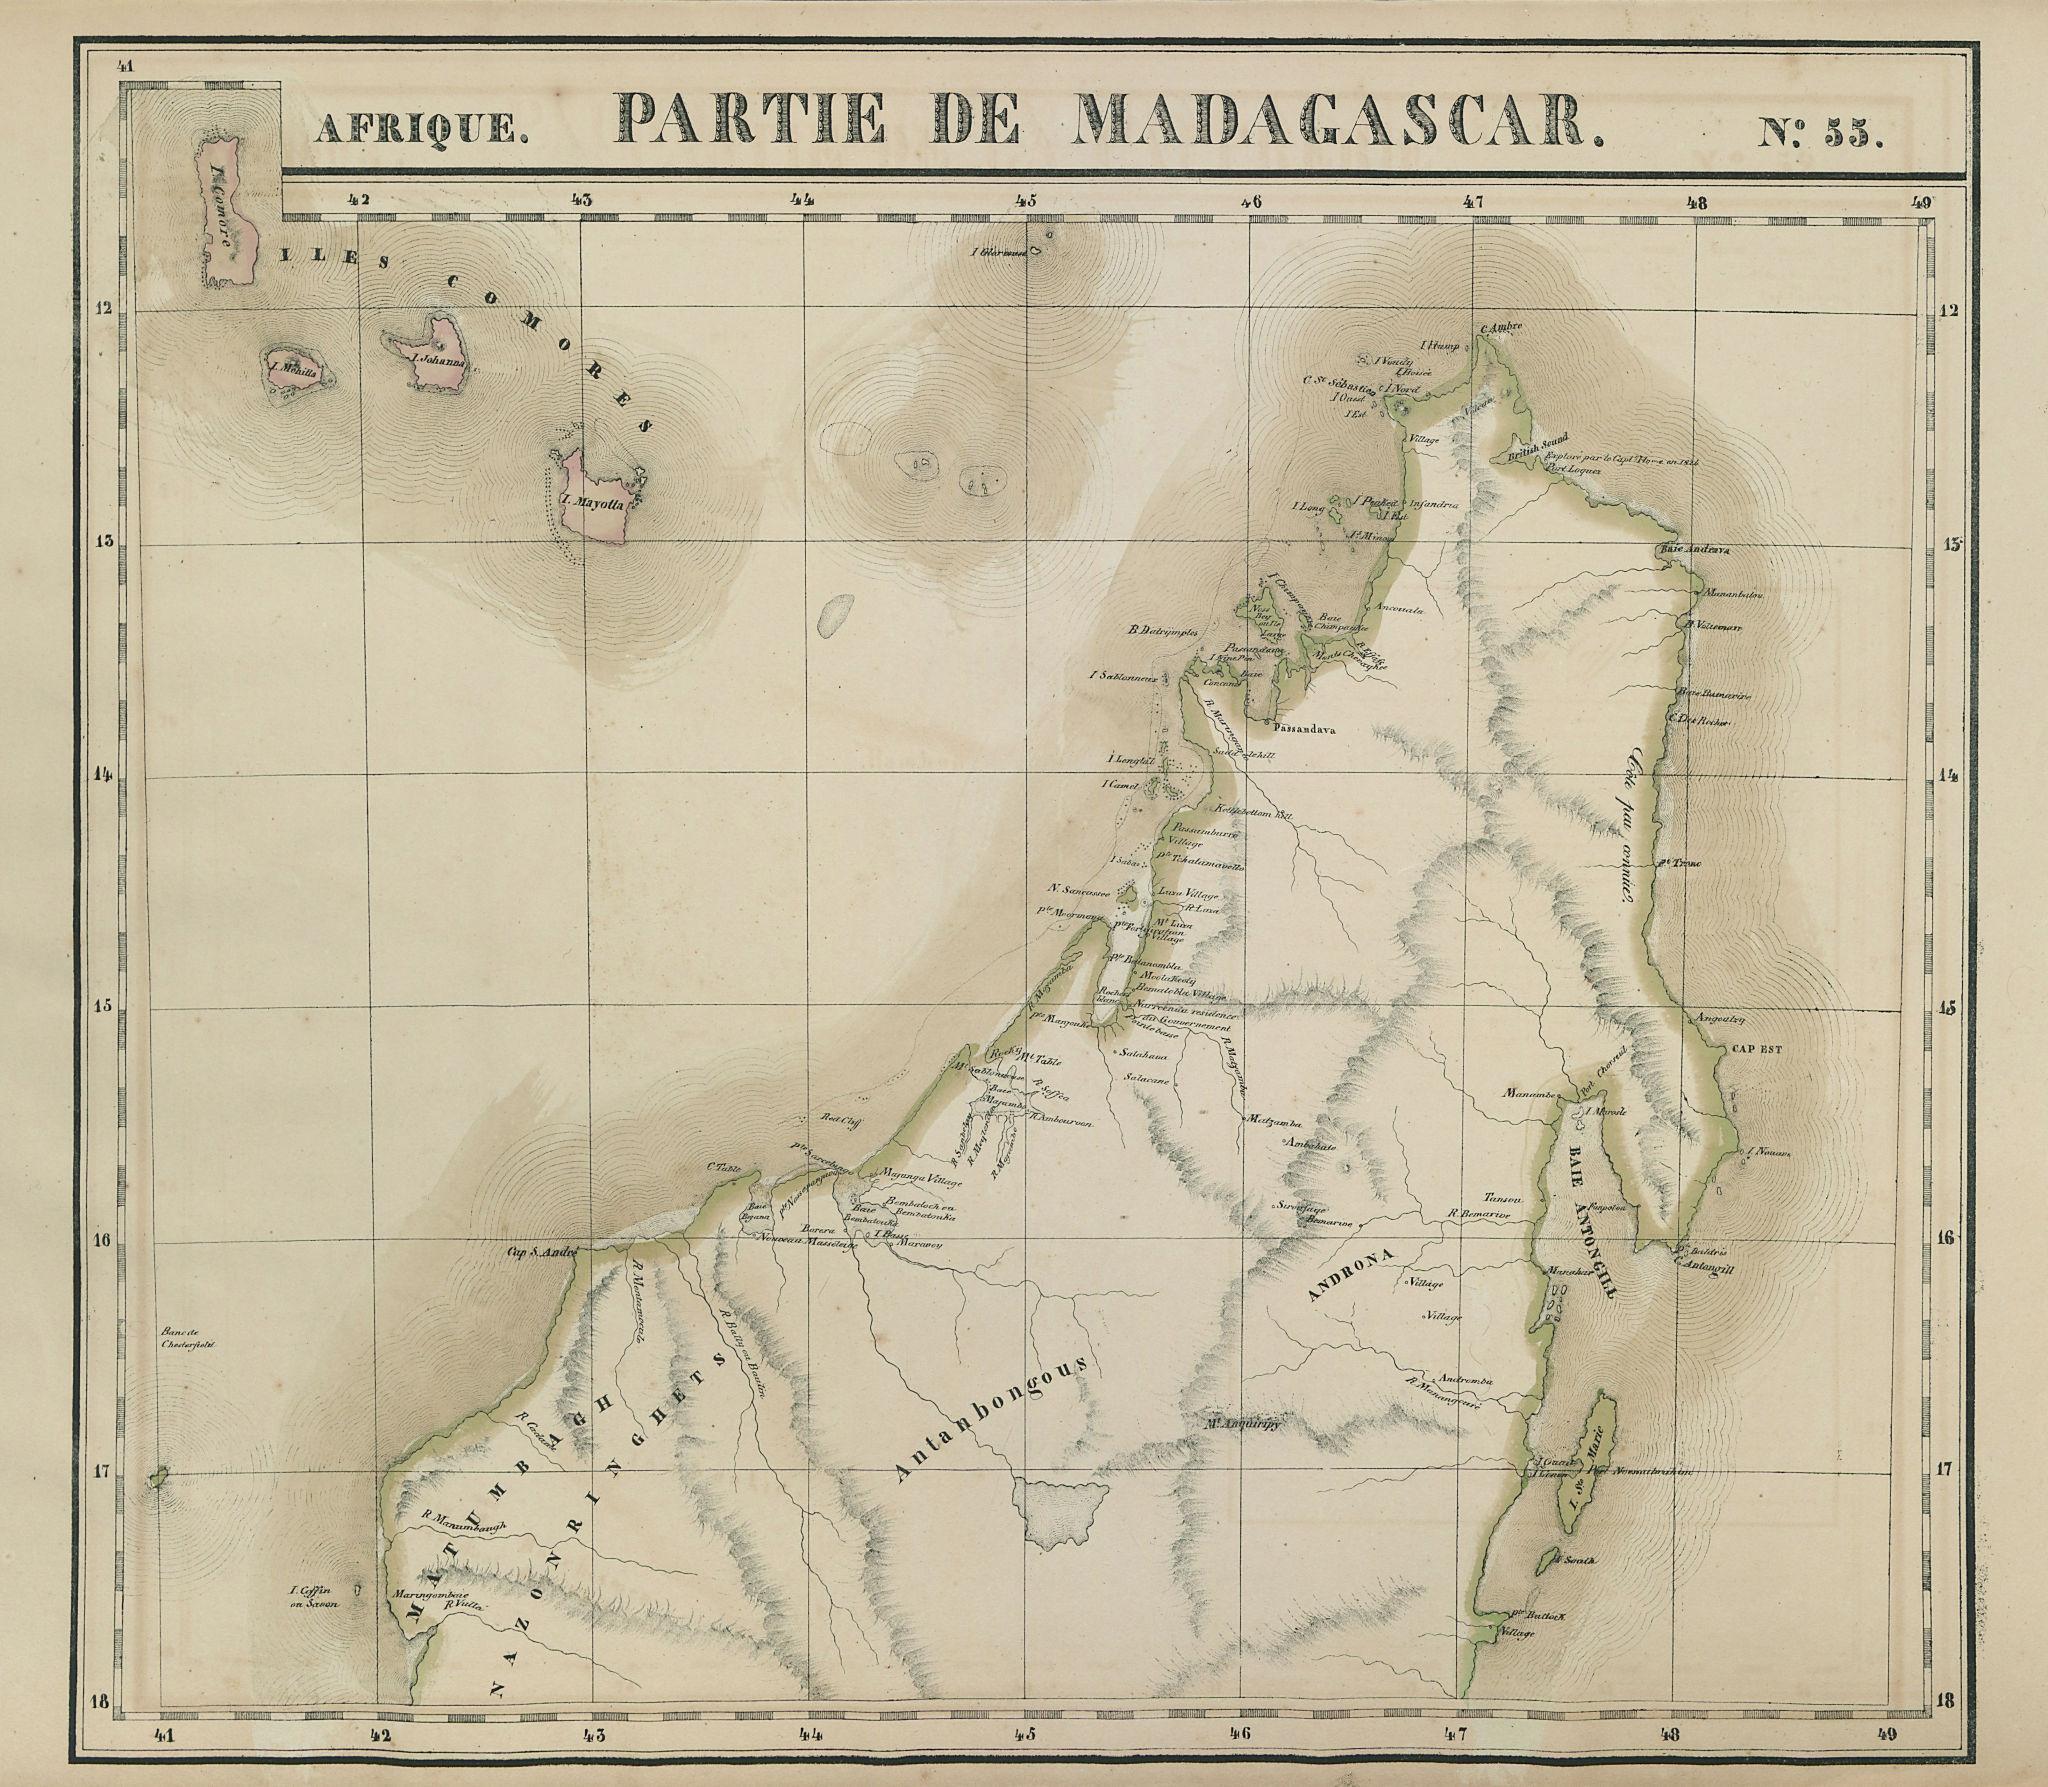 Afrique. Partie de Madagascar #55 North Madagascar Comoros VANDERMAELEN 1827 map